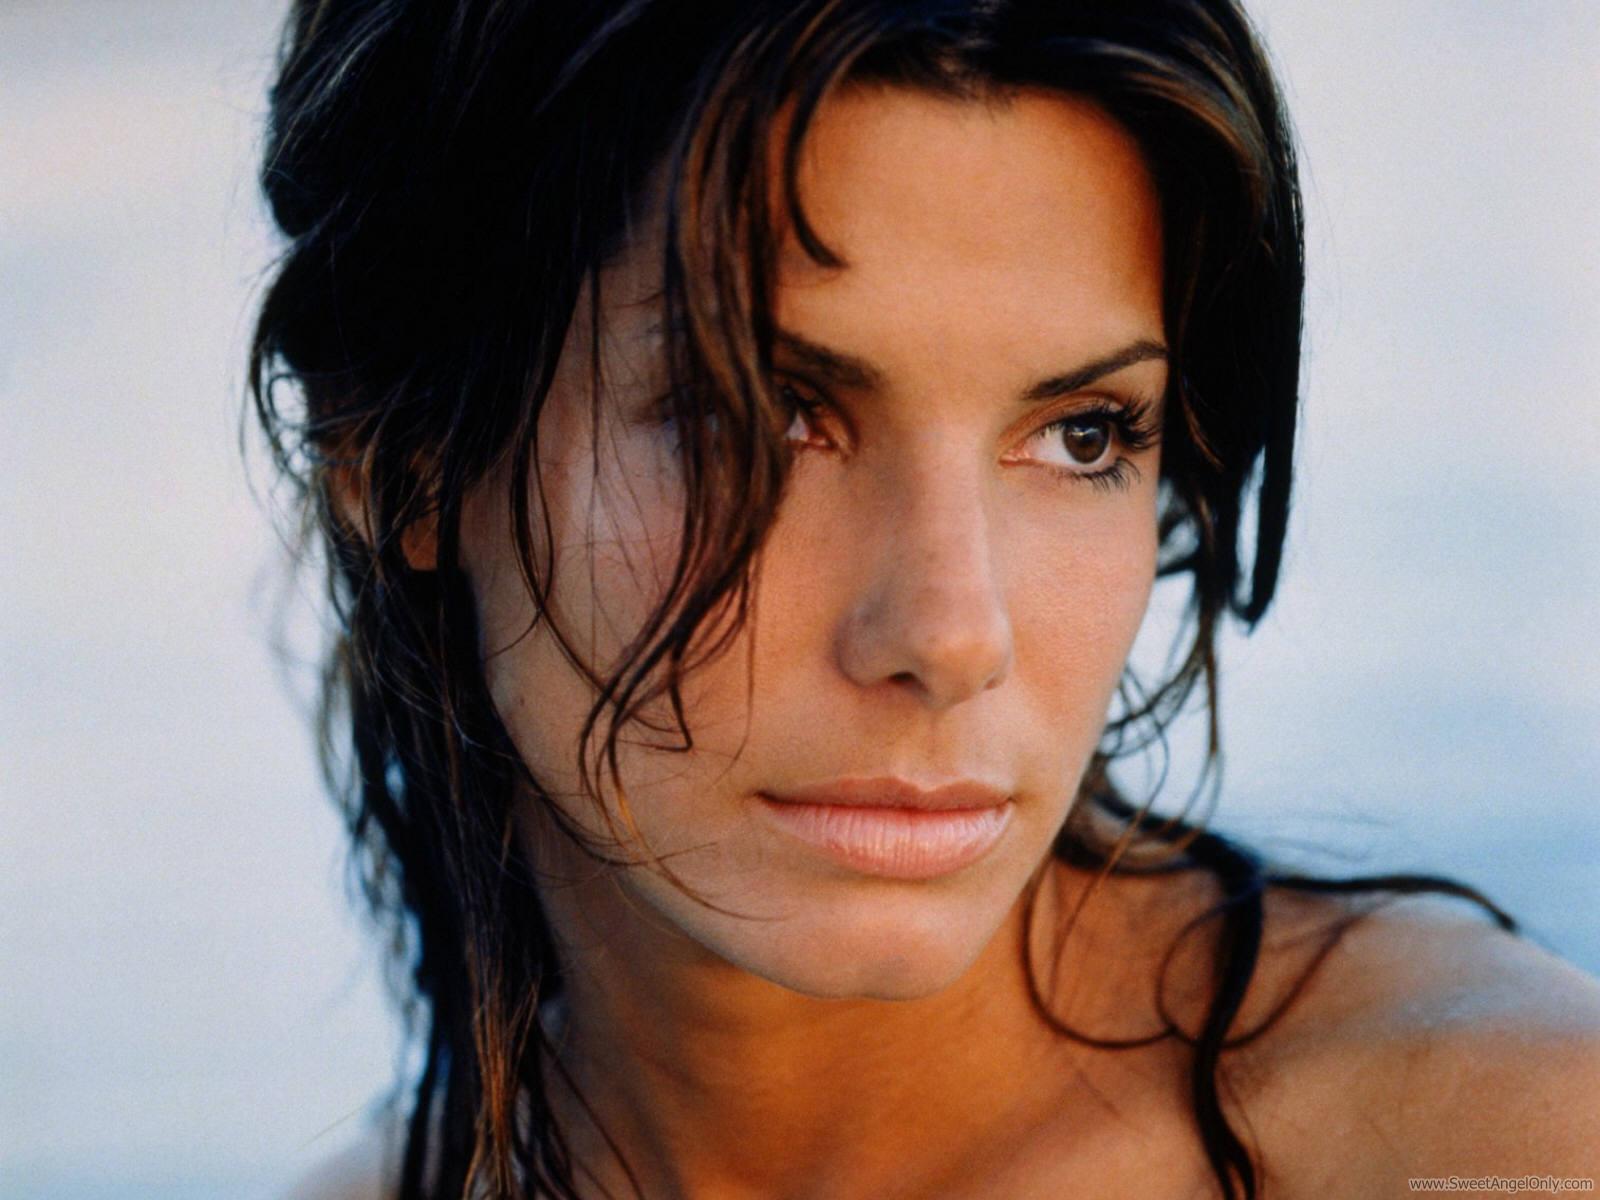 http://3.bp.blogspot.com/-ufAUmicXydQ/Tq6oB5OveVI/AAAAAAAAJtw/MHcSqNd1H6E/s1600/sandra_bullock_hollywood_actress_wallpaper_09-1600x1200.jpg